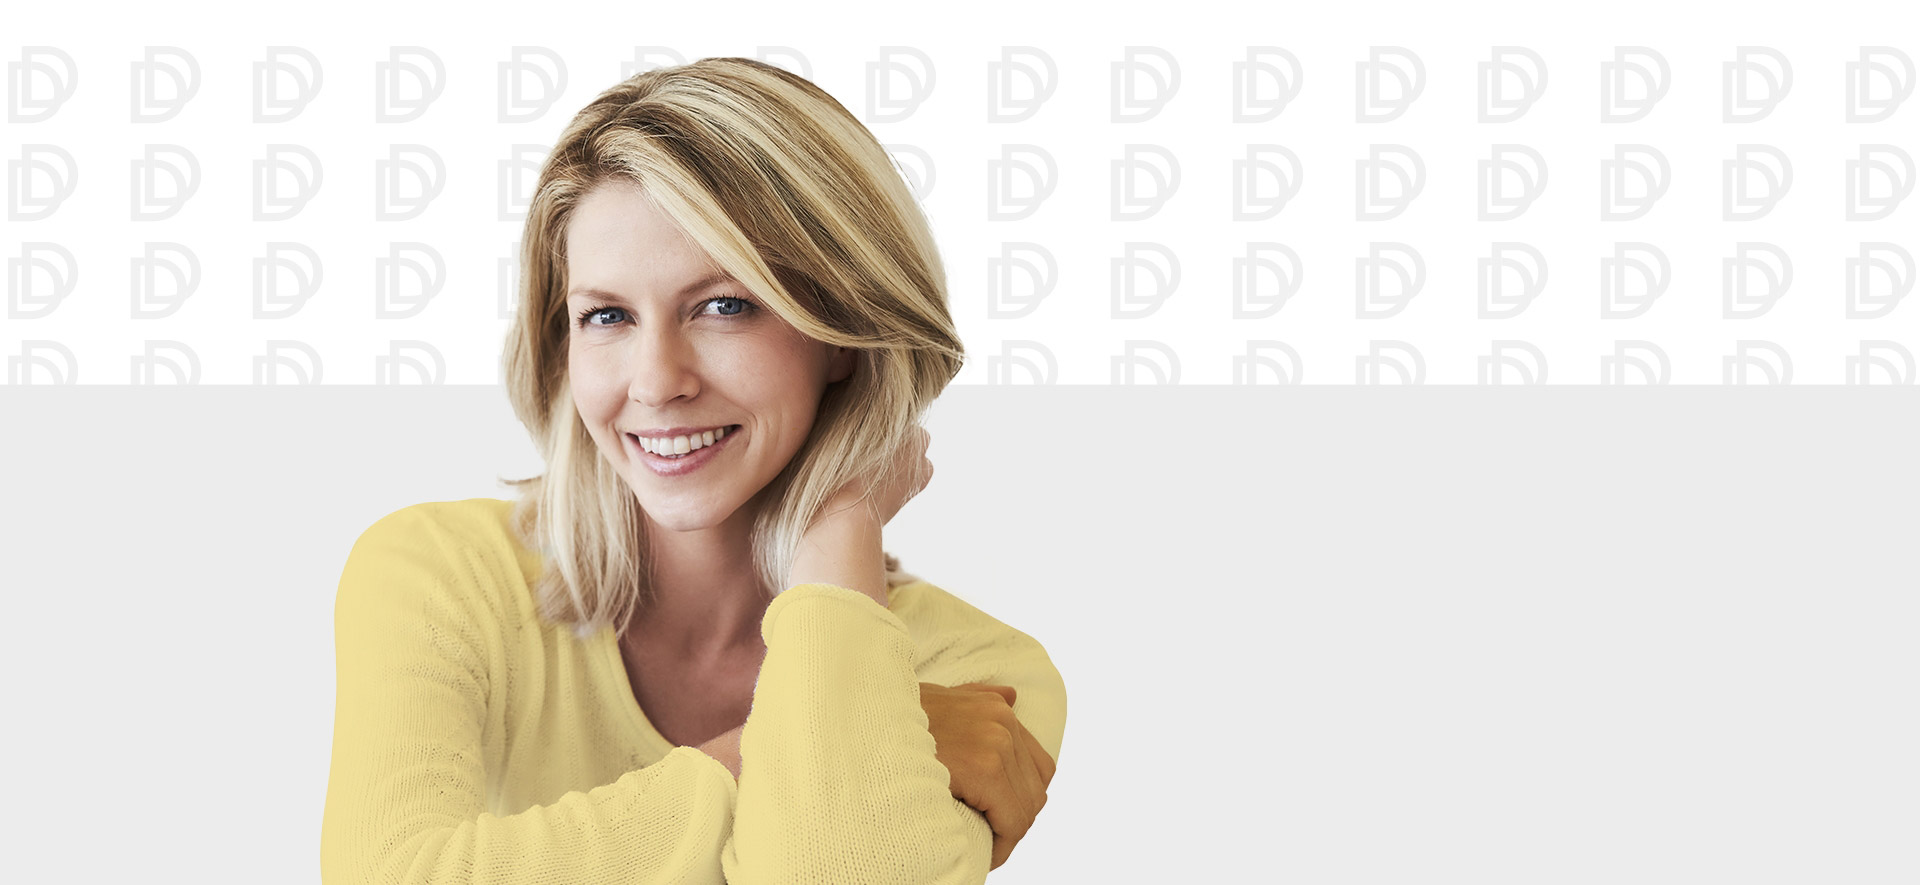 Le Centre Dentaire Delongchamp vous offre un service d'orthodontie Invisalign à Lachute